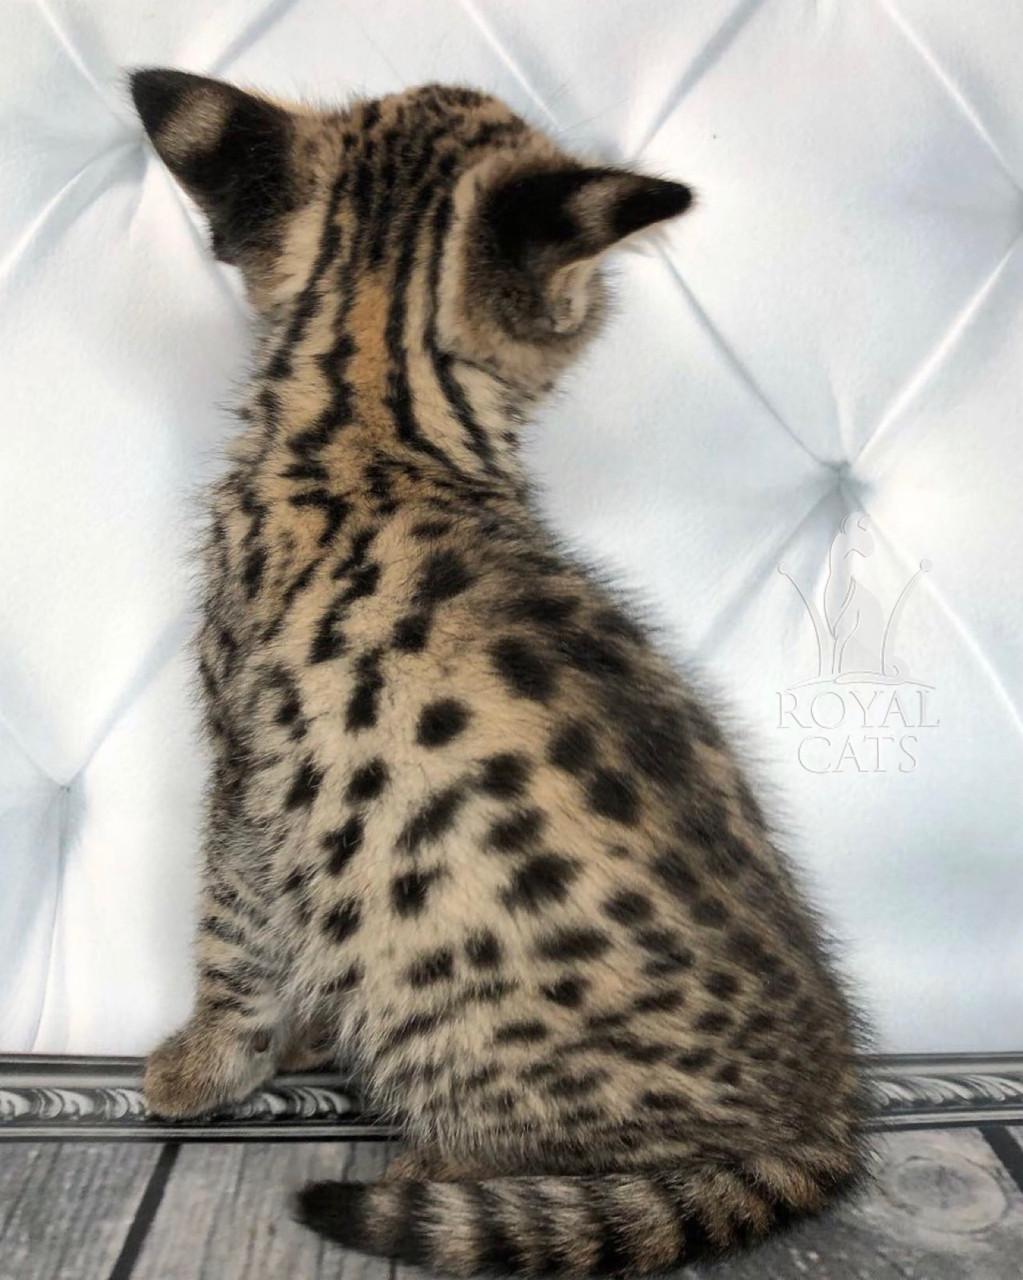 Мальчик 05.09.18. Котёнок Саванна Ф1 (Ашера) питомник Royal Cats